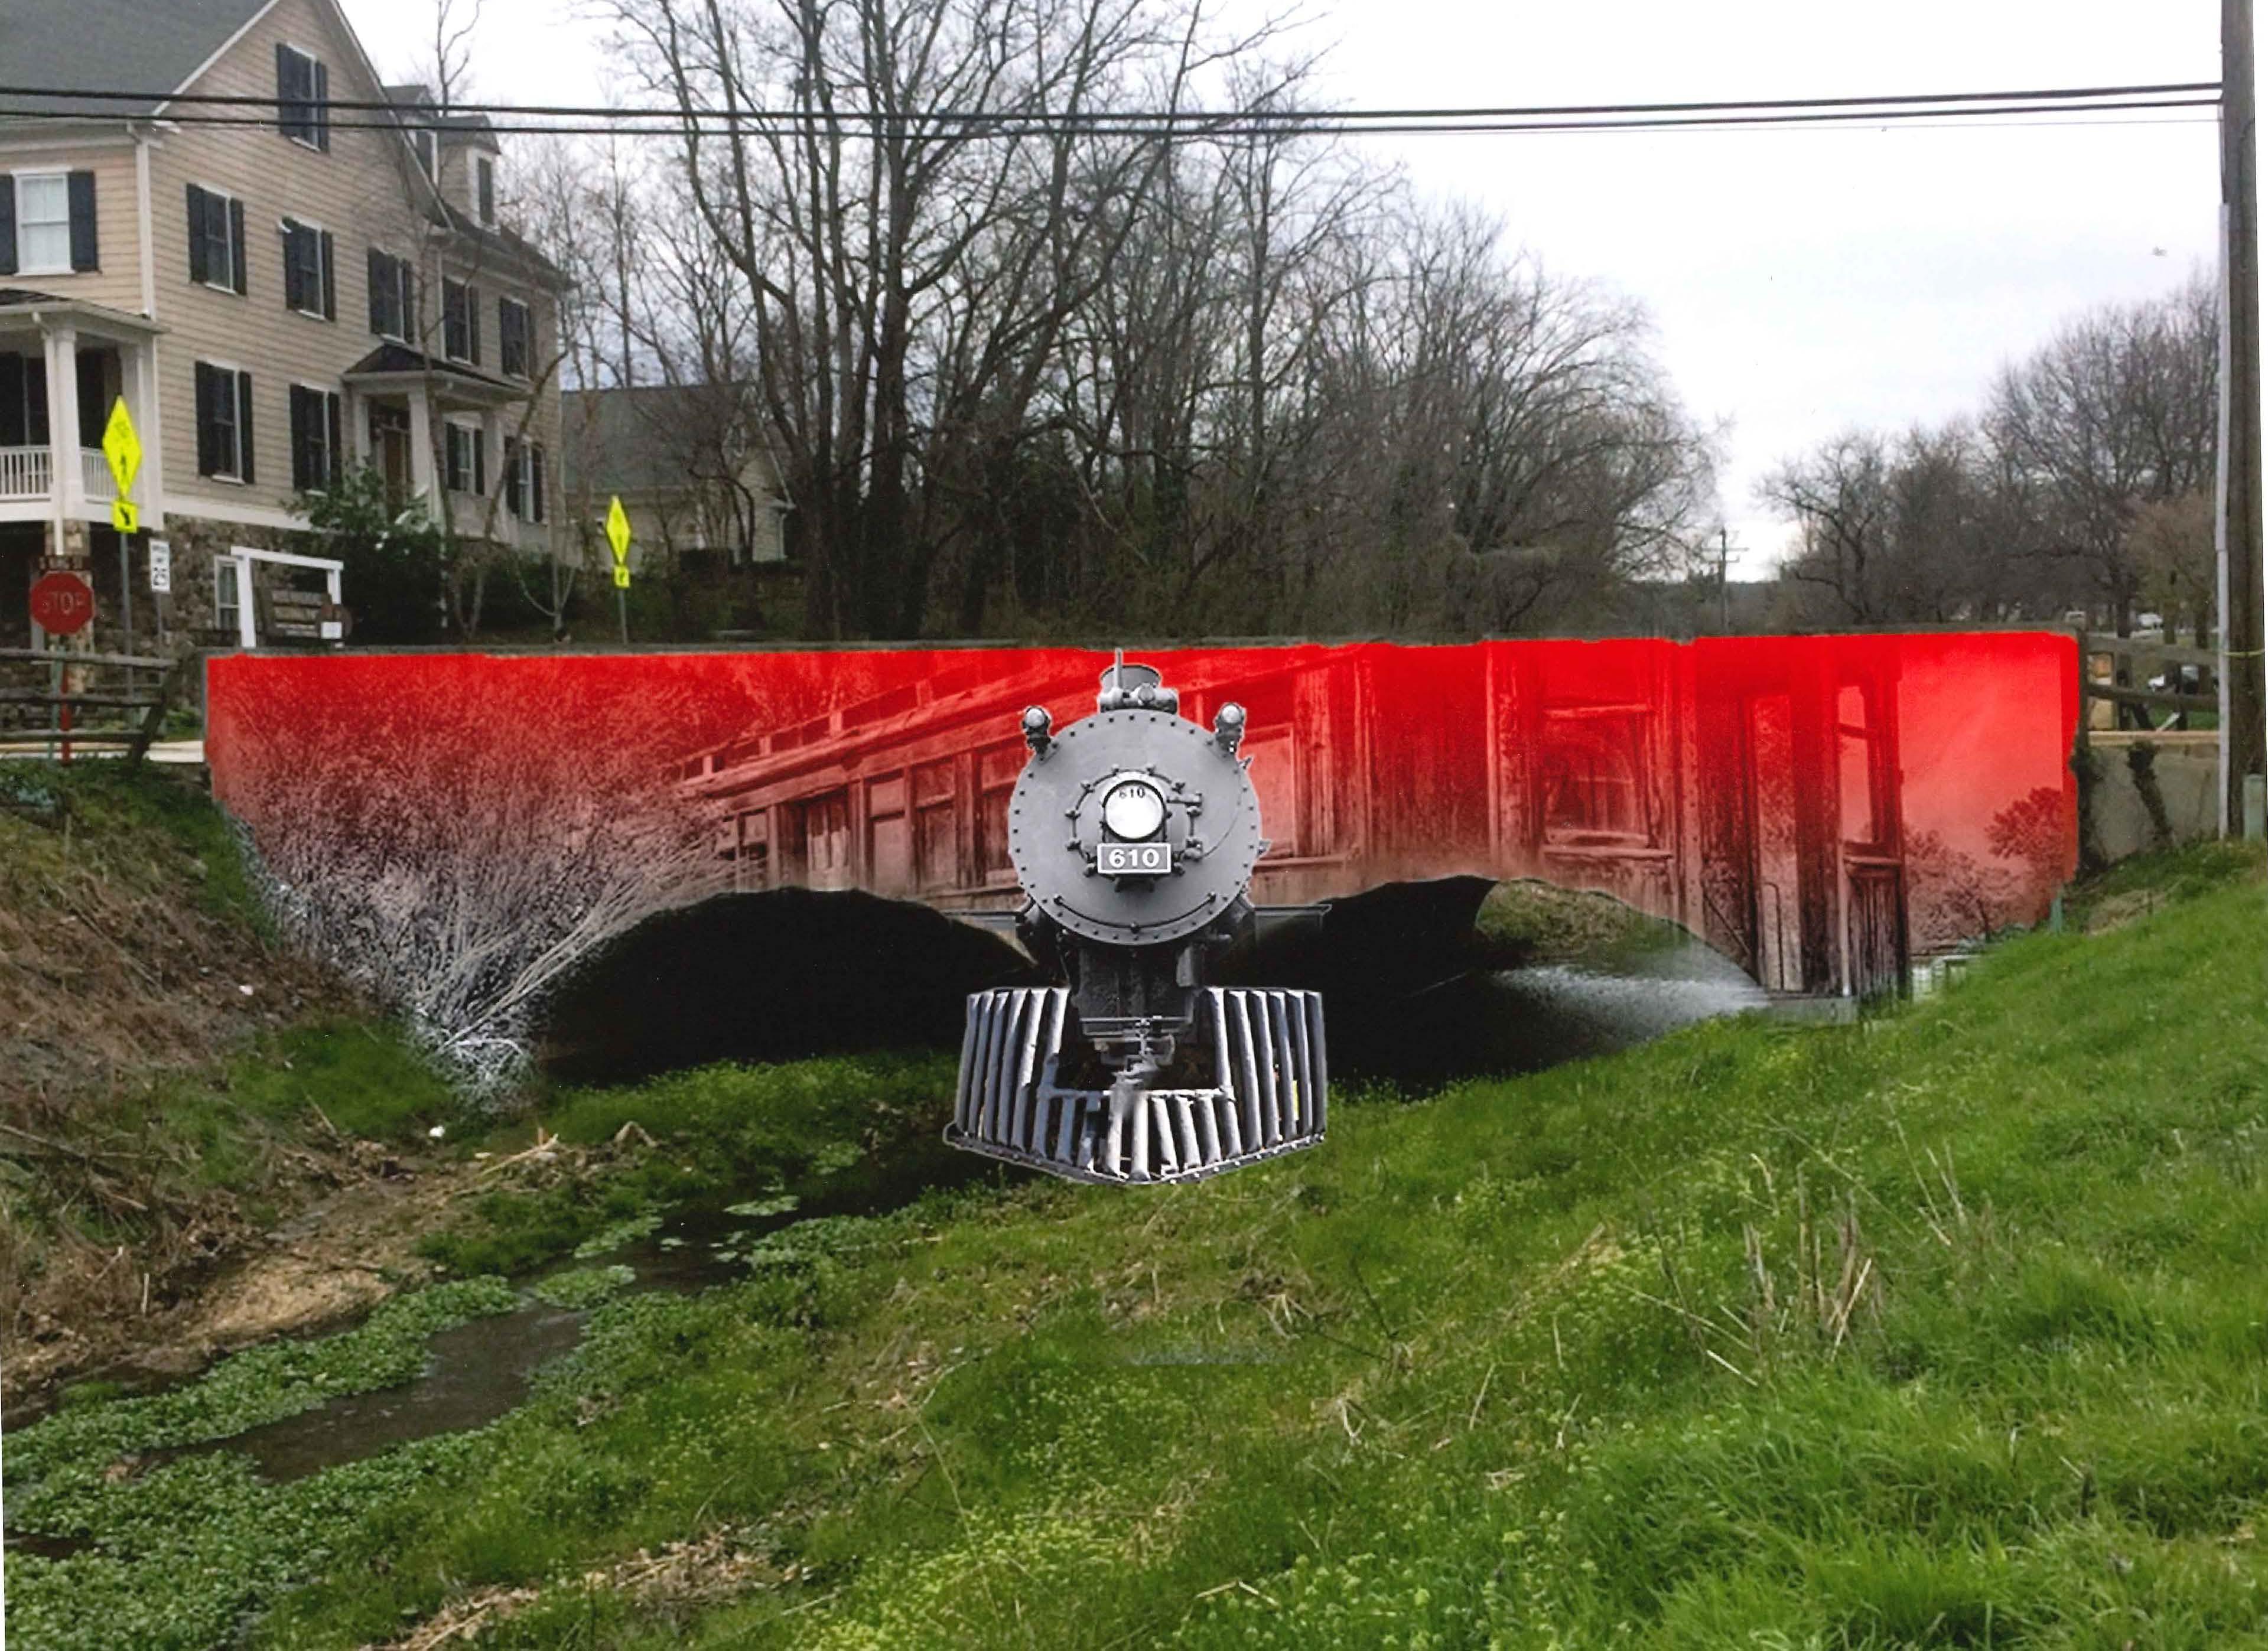 S King Bridge Mural - Art for Approval_P